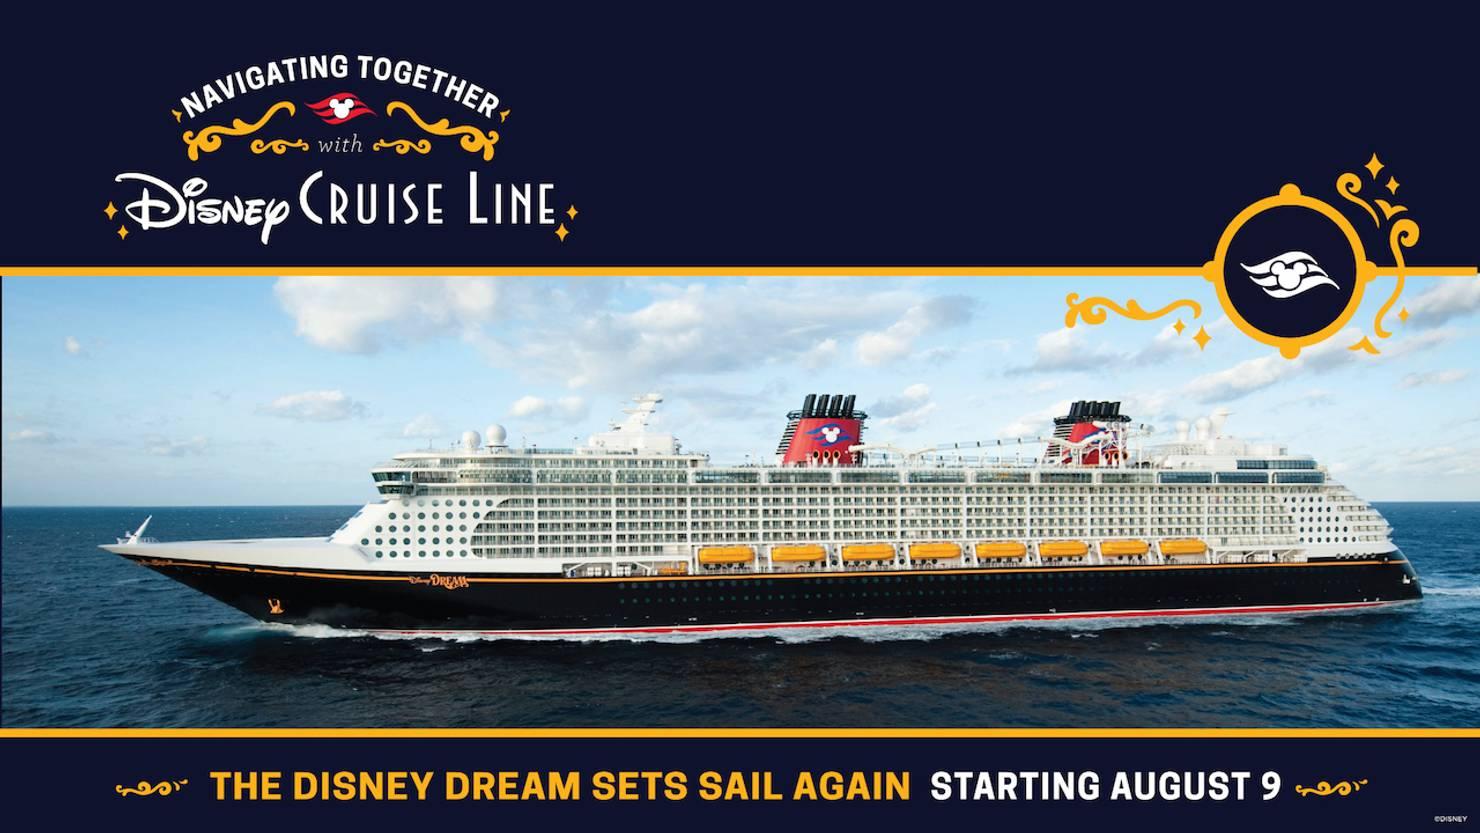 Disney Dream resumes cruises